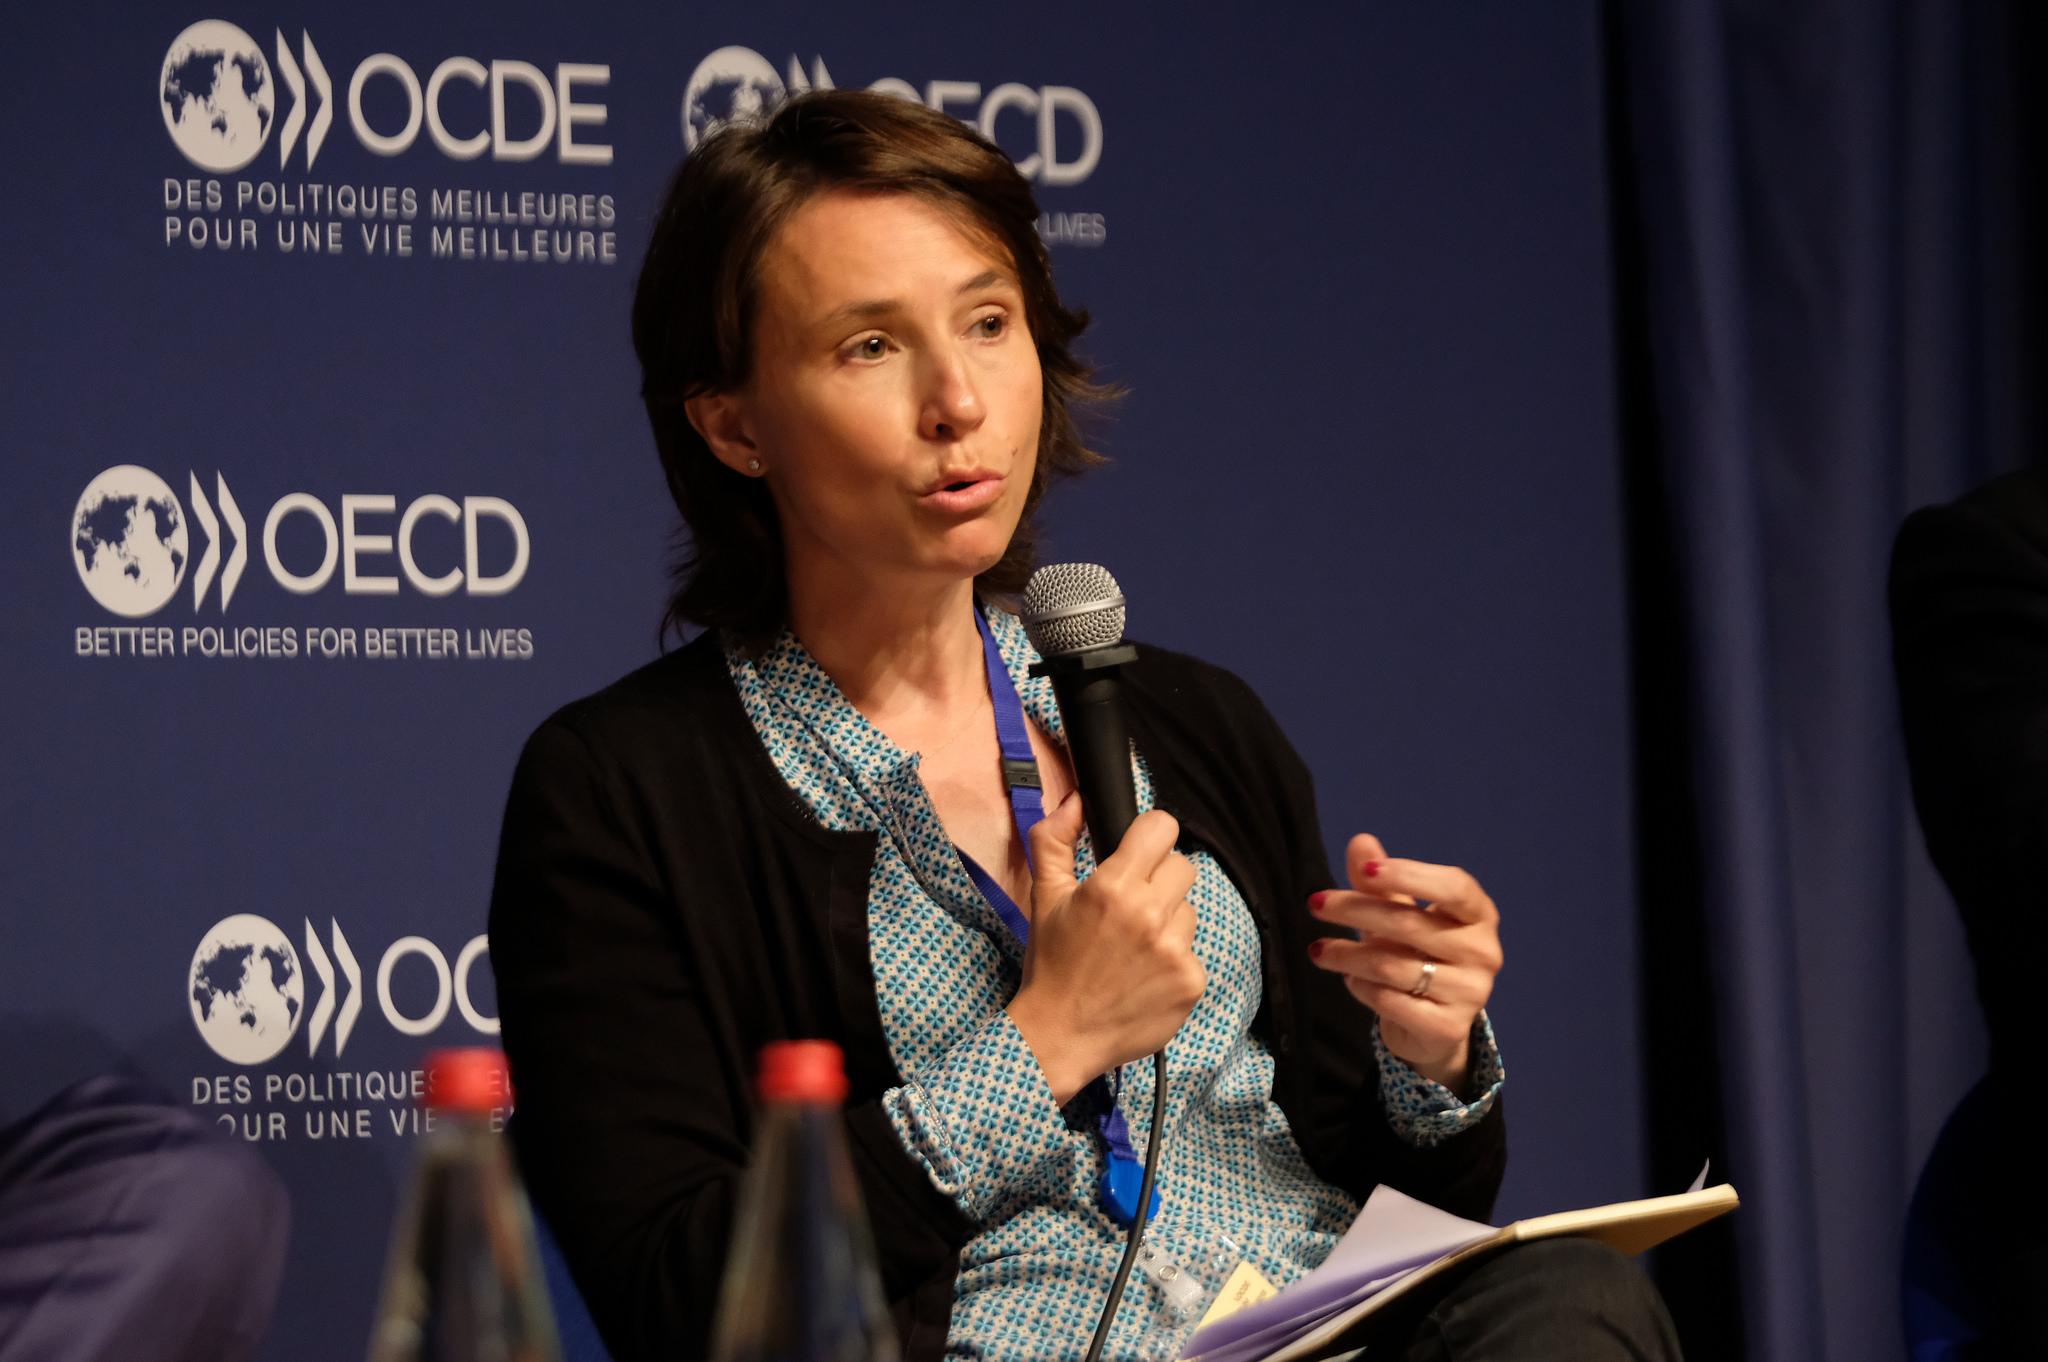 Vanessa Engel, Director, Banque Solidaire de l'Équipment